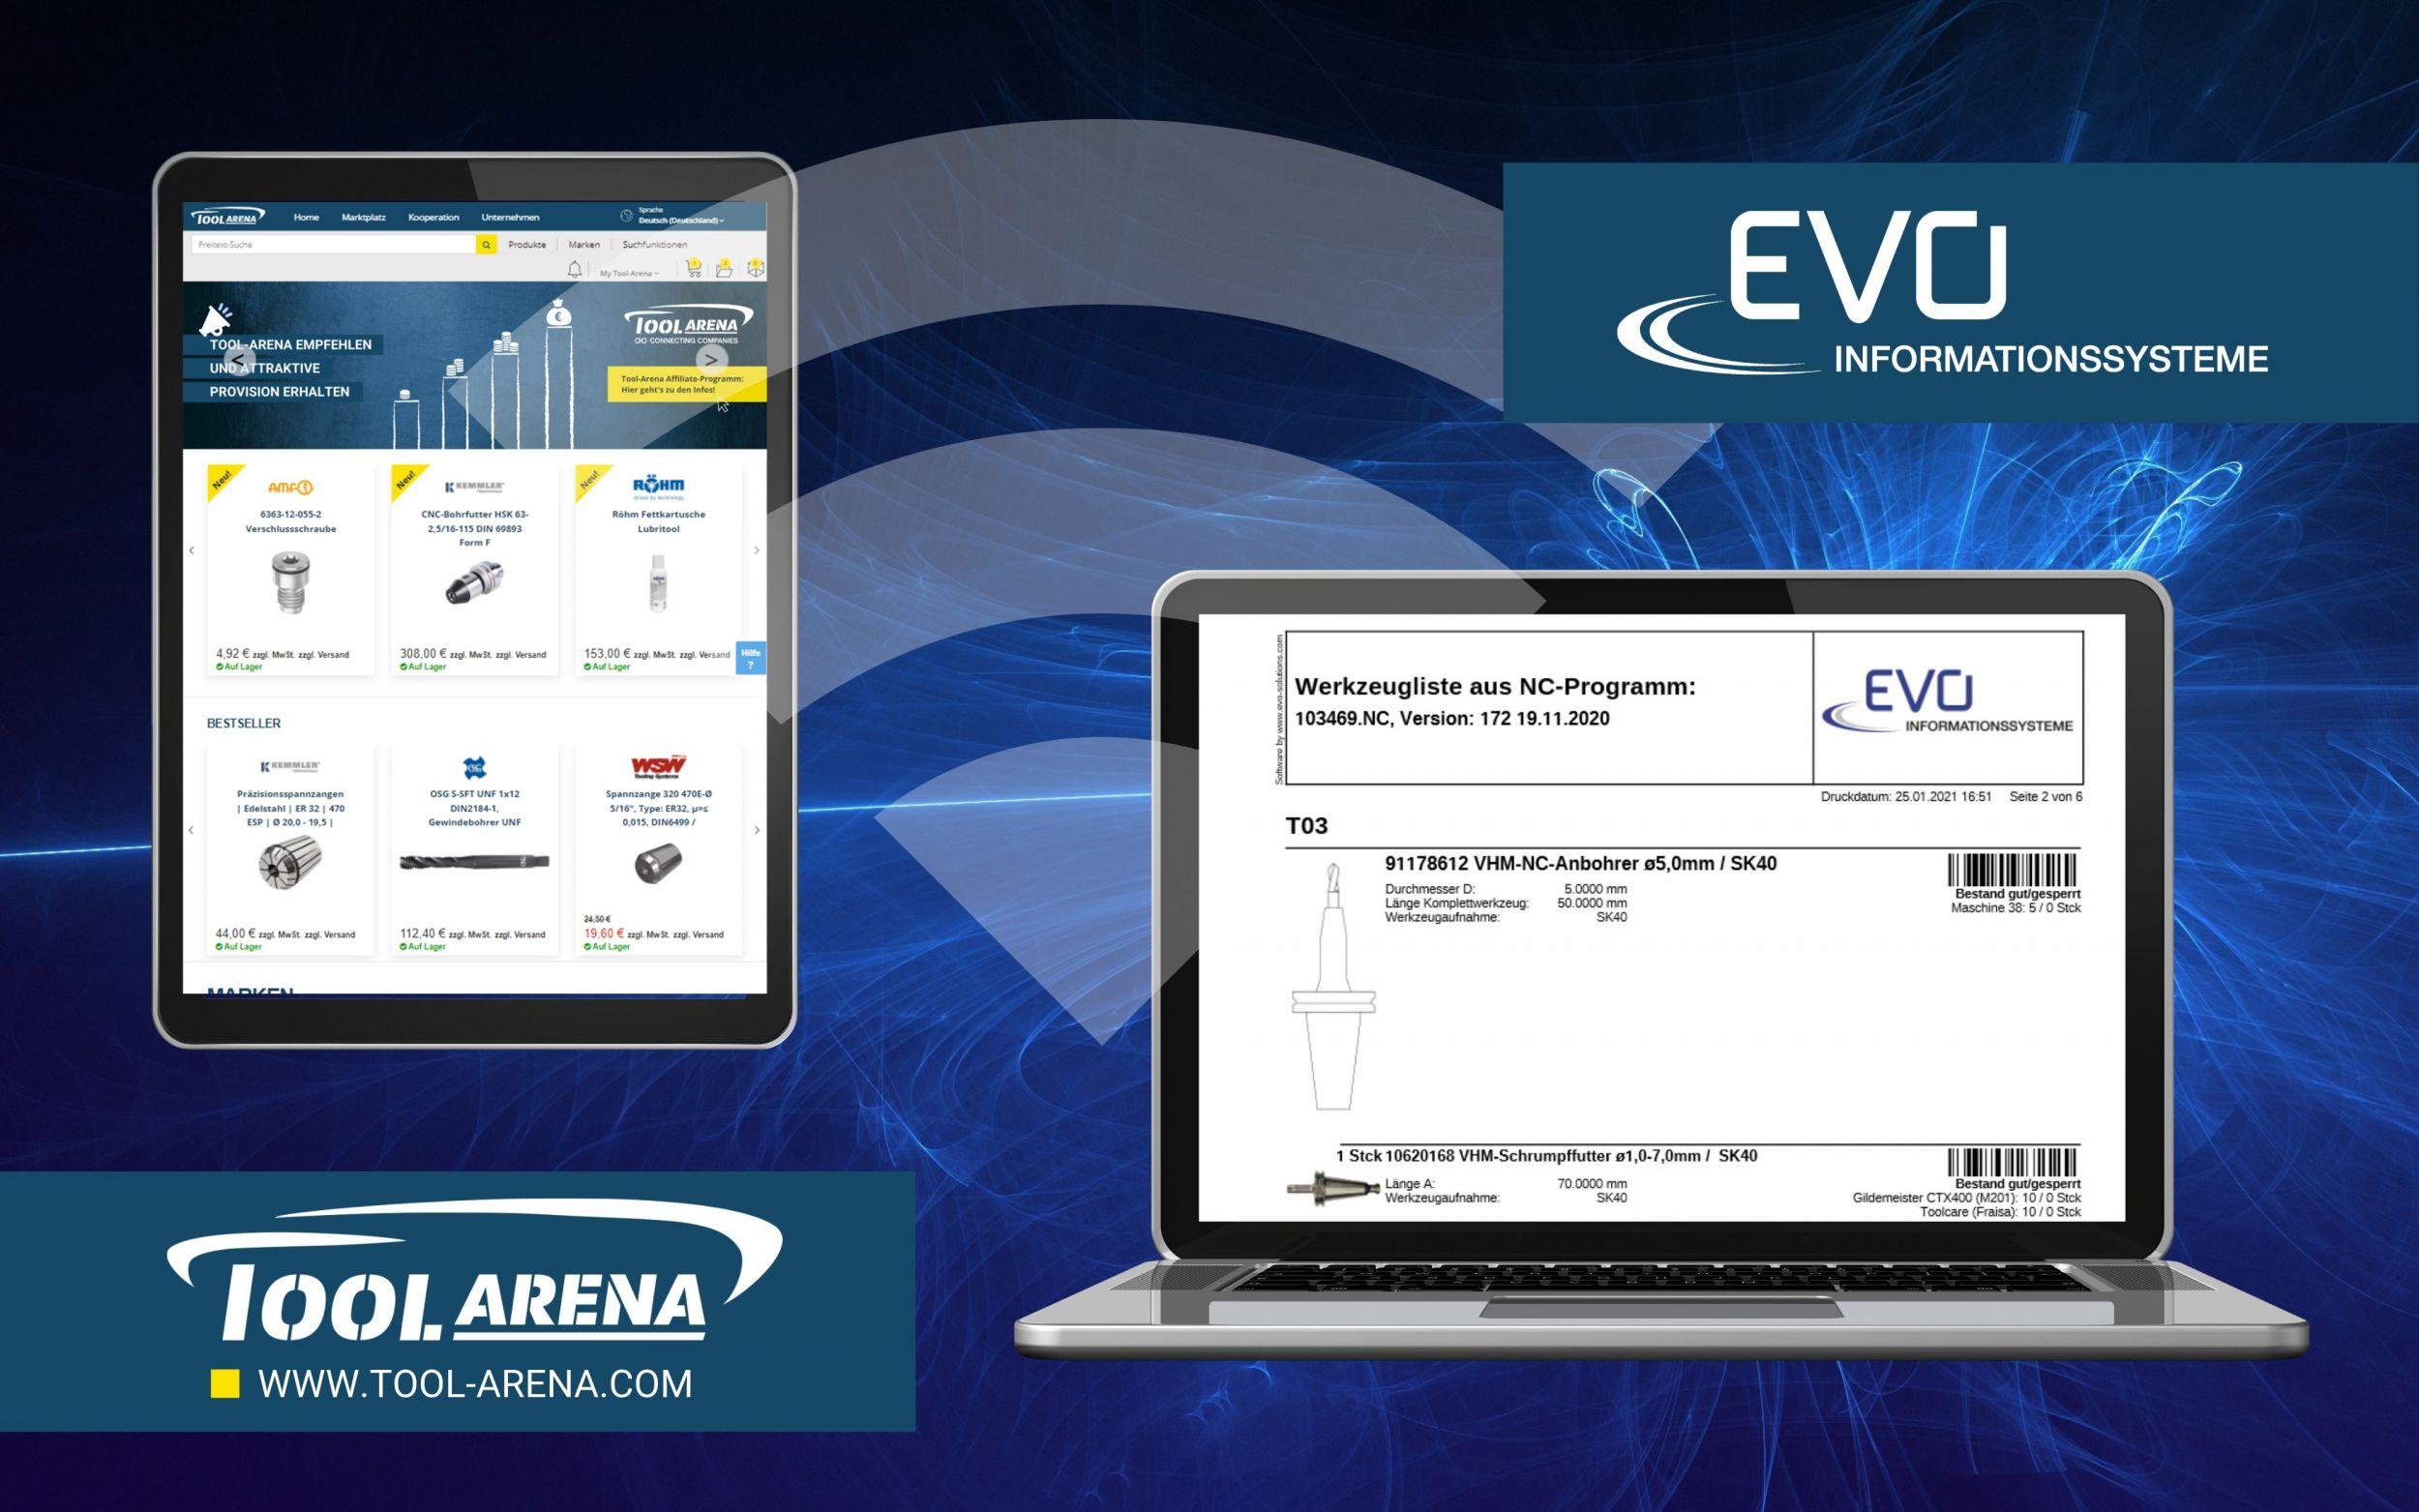 Tool-Arena und EVO arbeiten zusammen